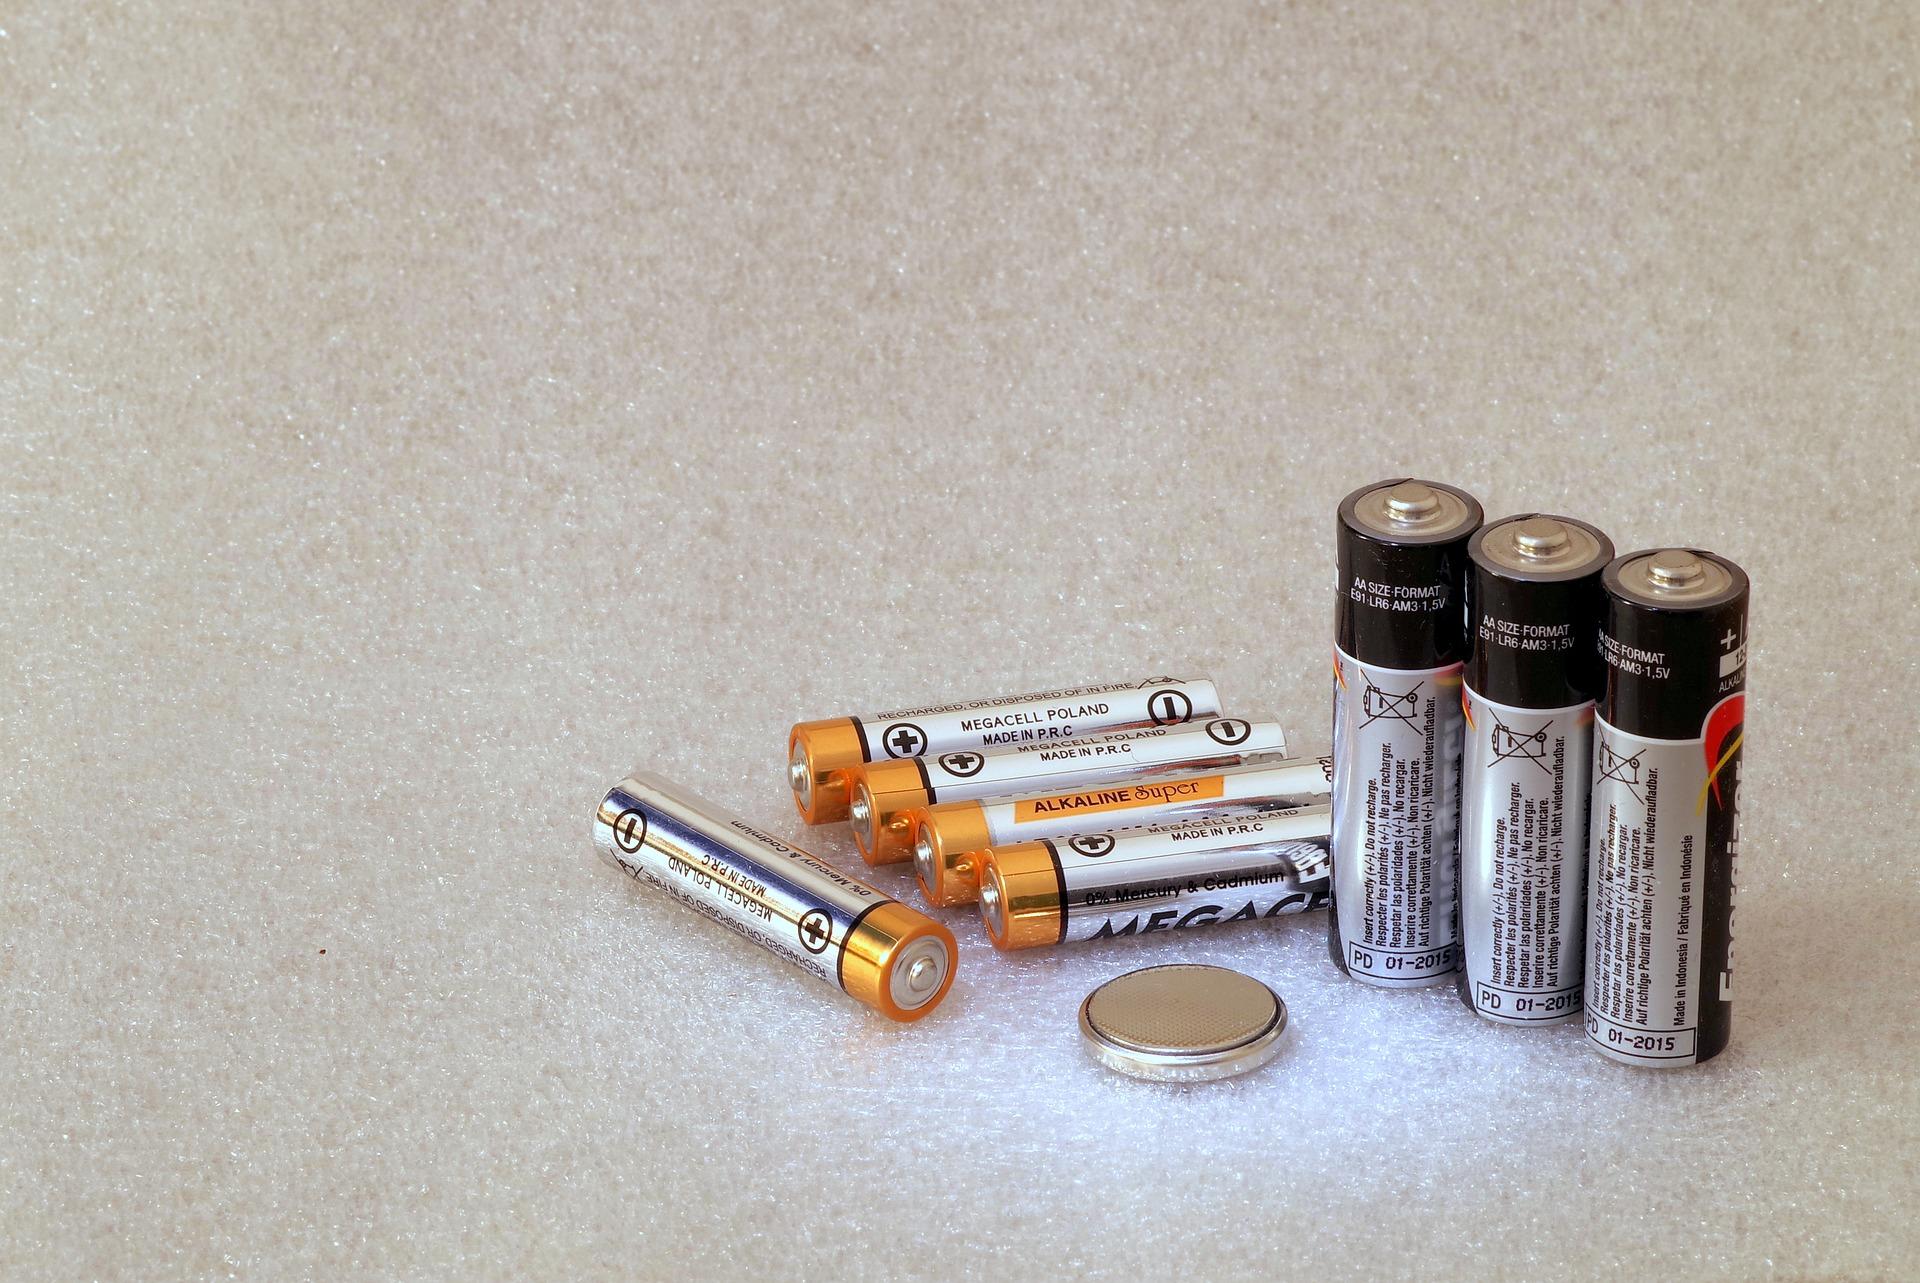 Druhy baterií – víte, jakou dát do svítilny či foťáku?